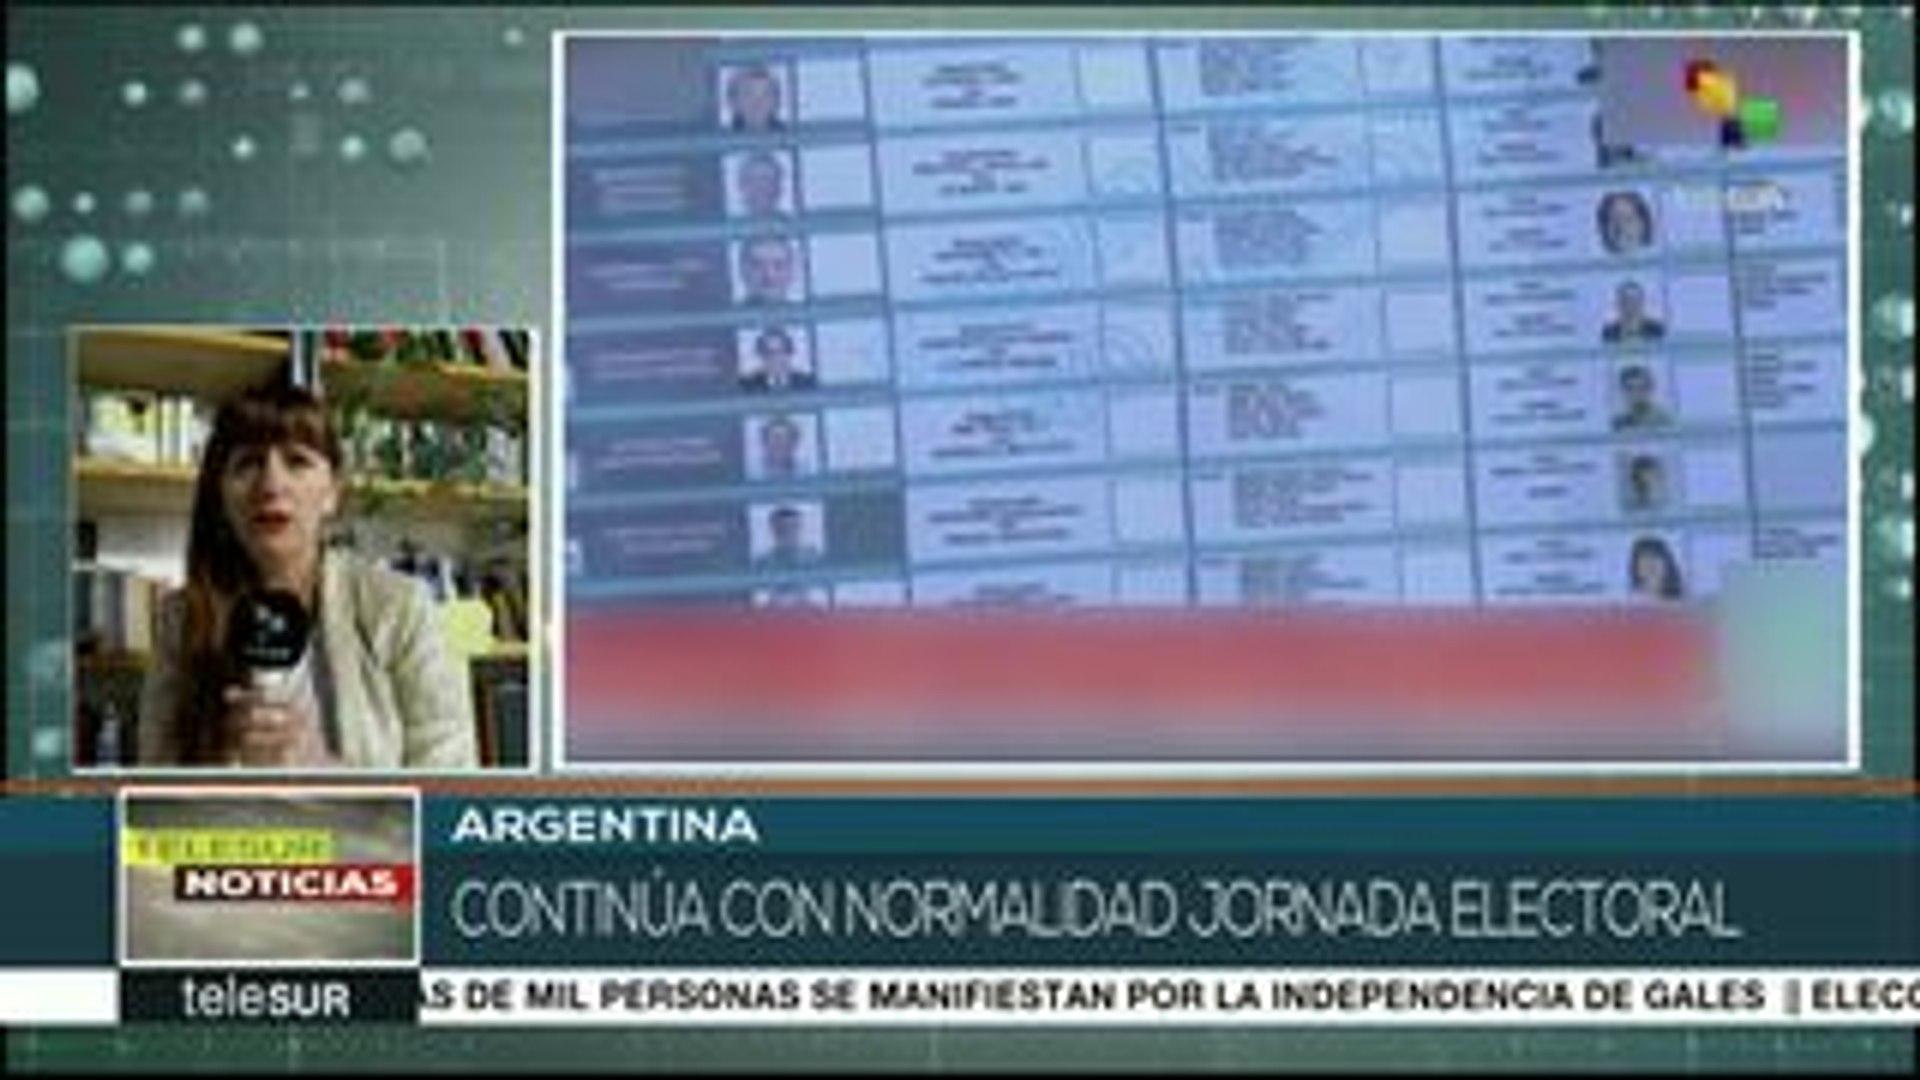 Argentina: por primera vez Córdoba usa la Boleta única en elección